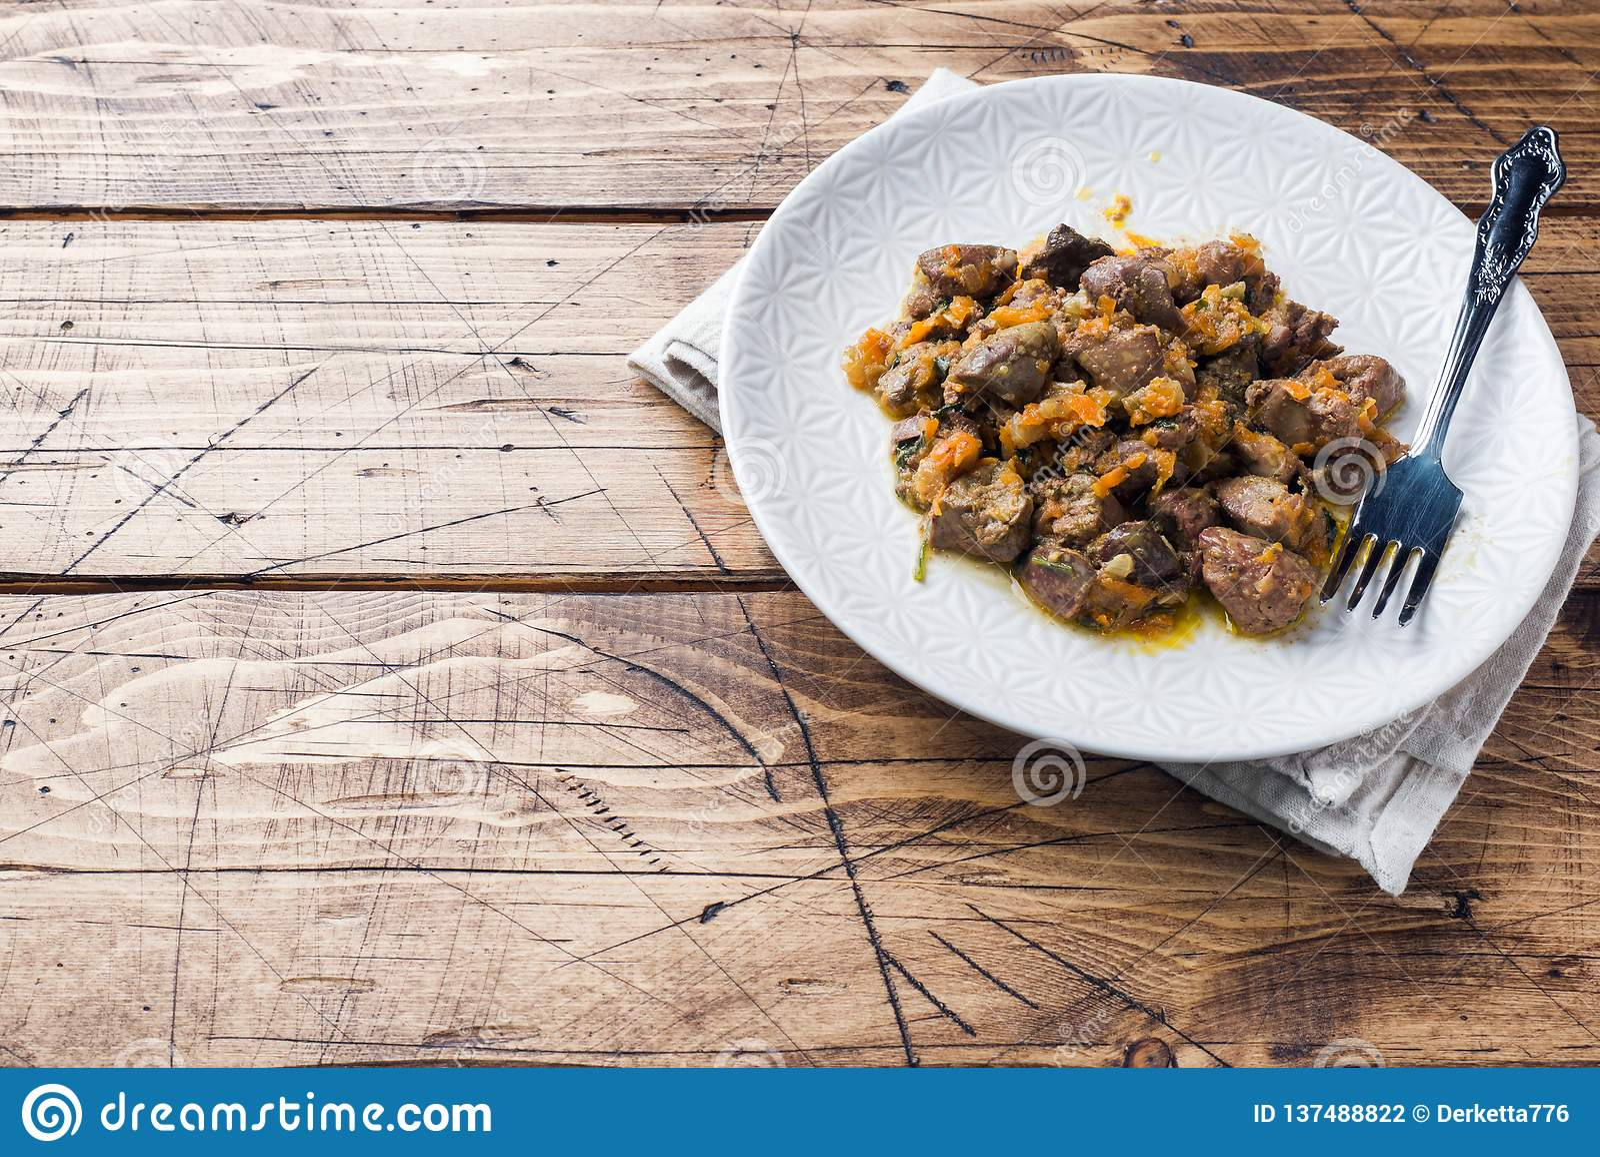 Fígado de galinha cozido com vegetais em uma placa Fundo de madeira